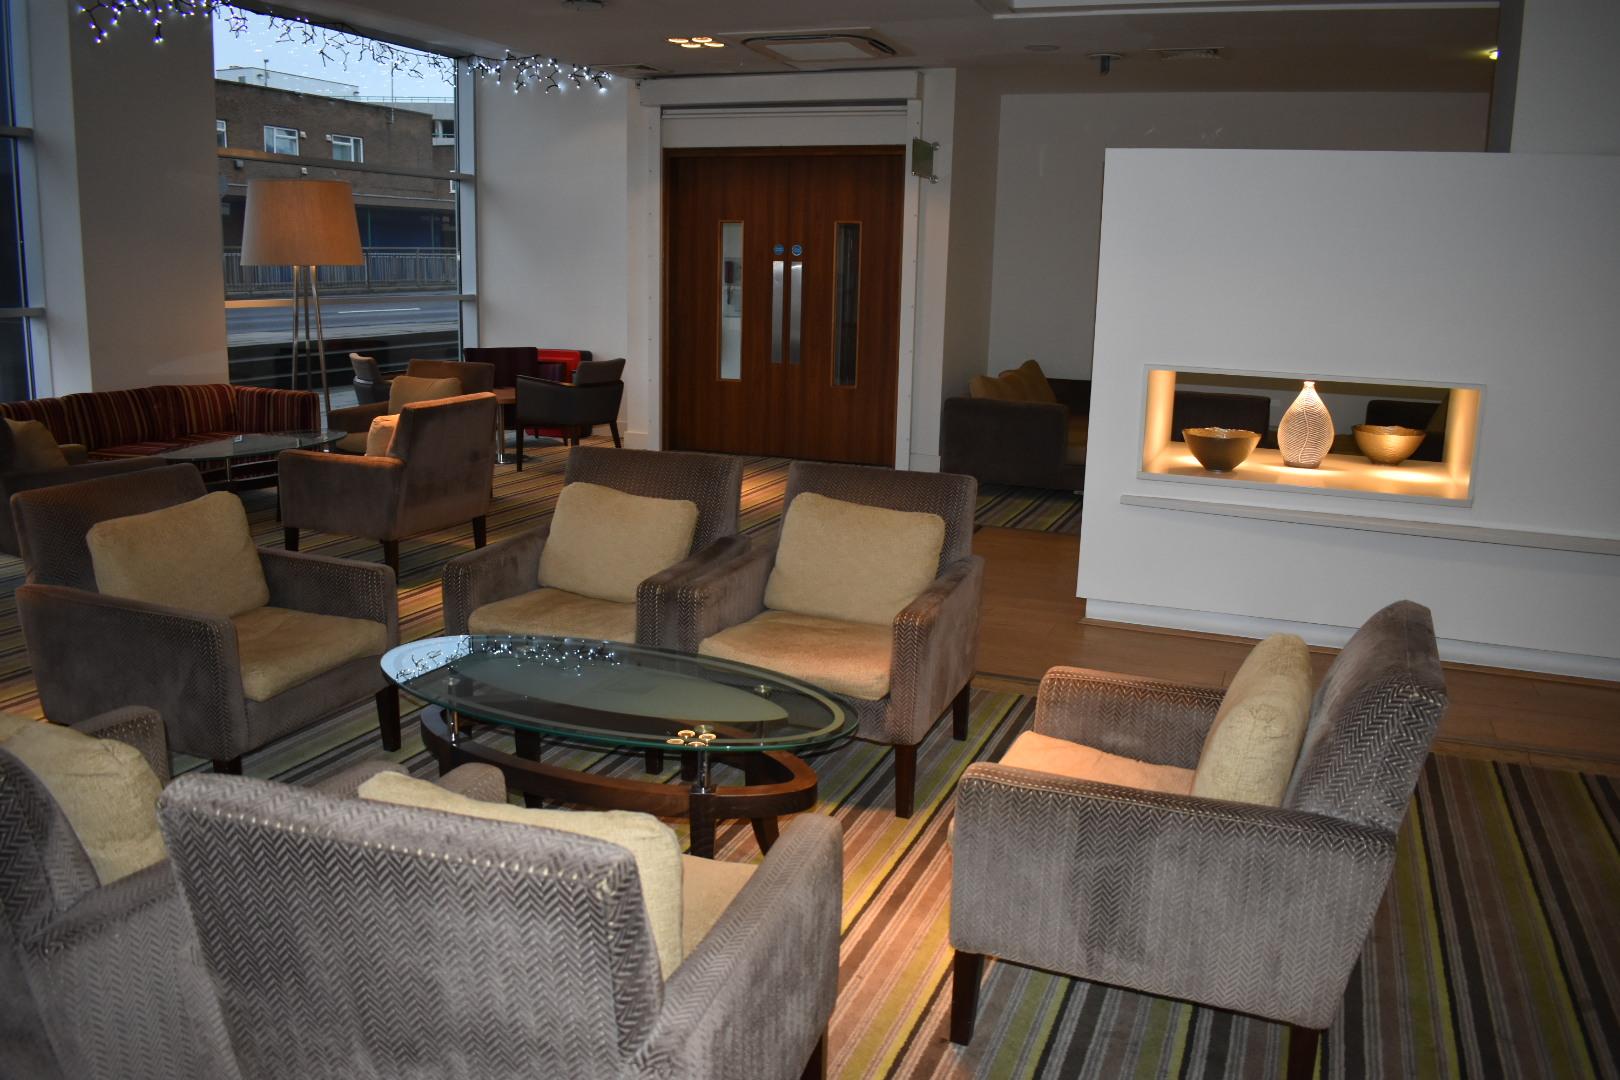 Holiday Inn, Stevenage, UK